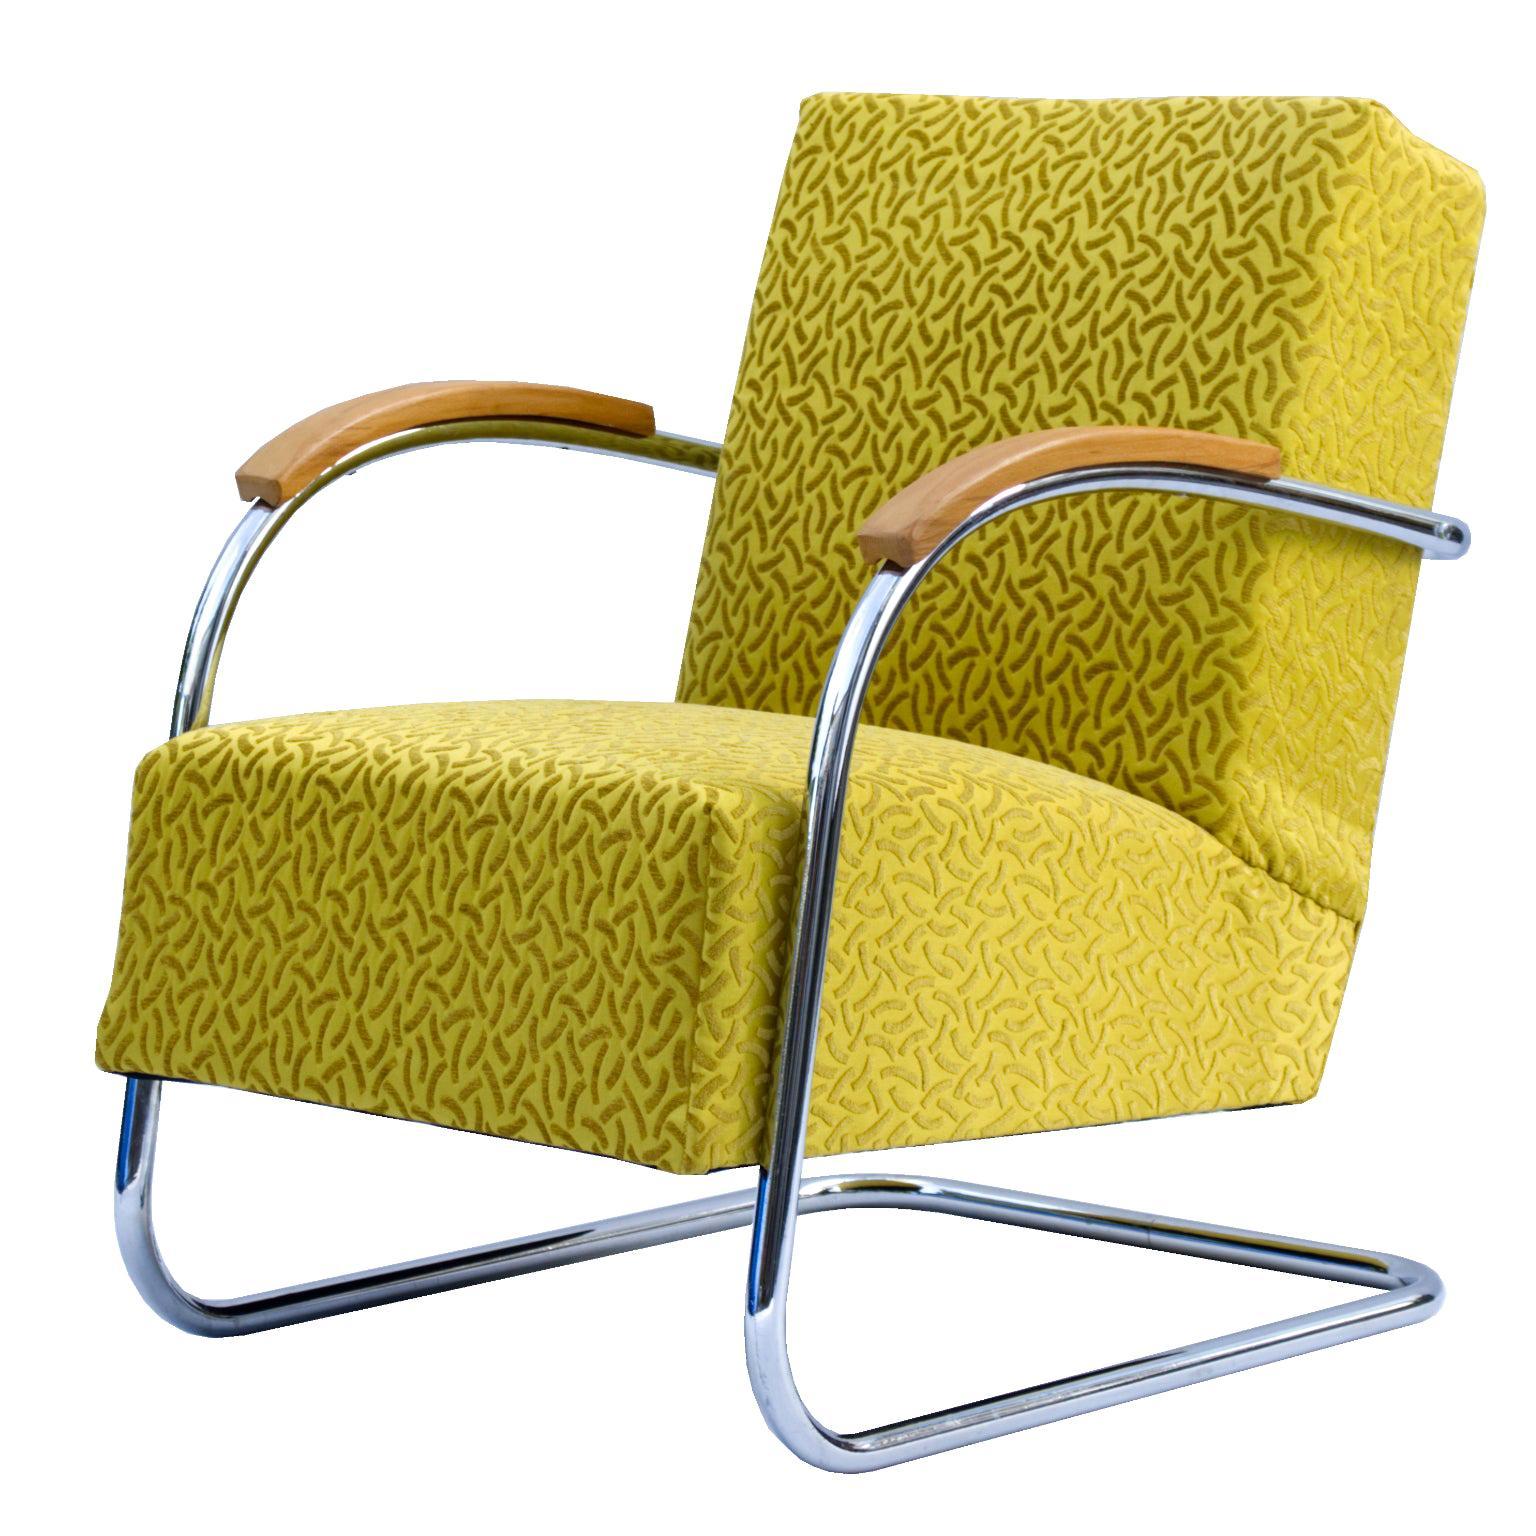 Tubular Metal Chairs   244 For Sale On 1stdibs